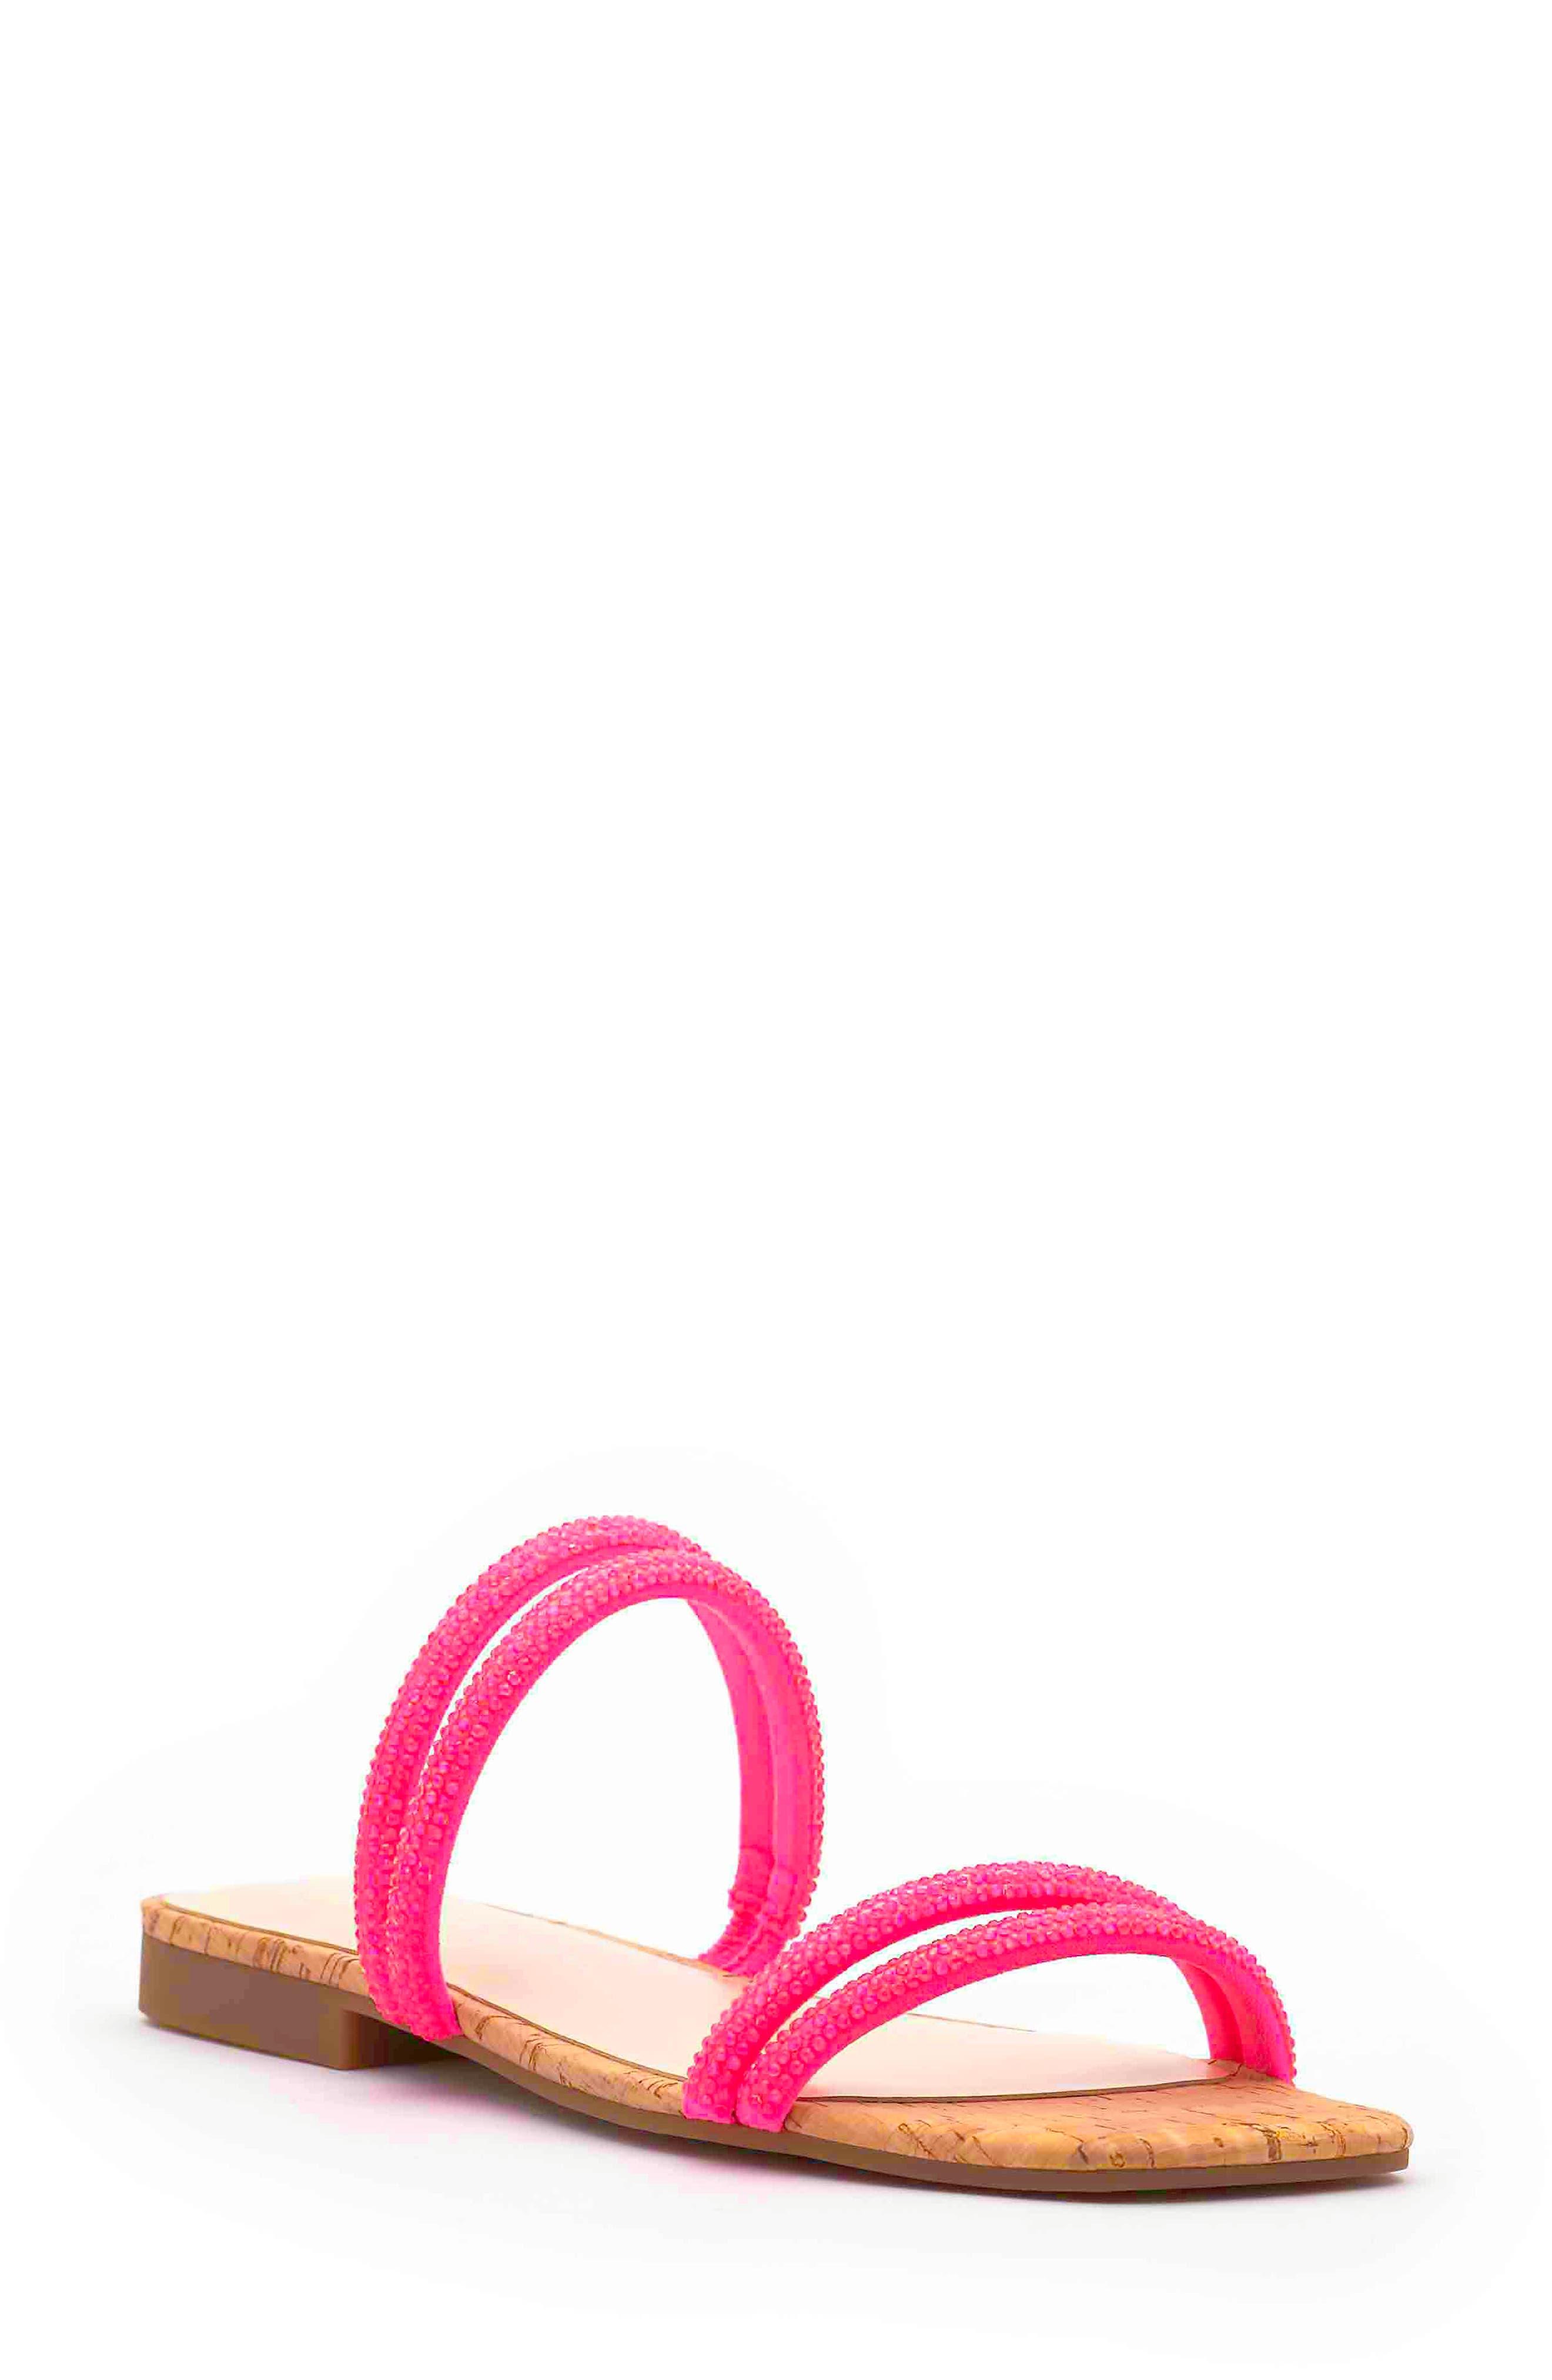 Raexe 2 Embellished Slide Sandal